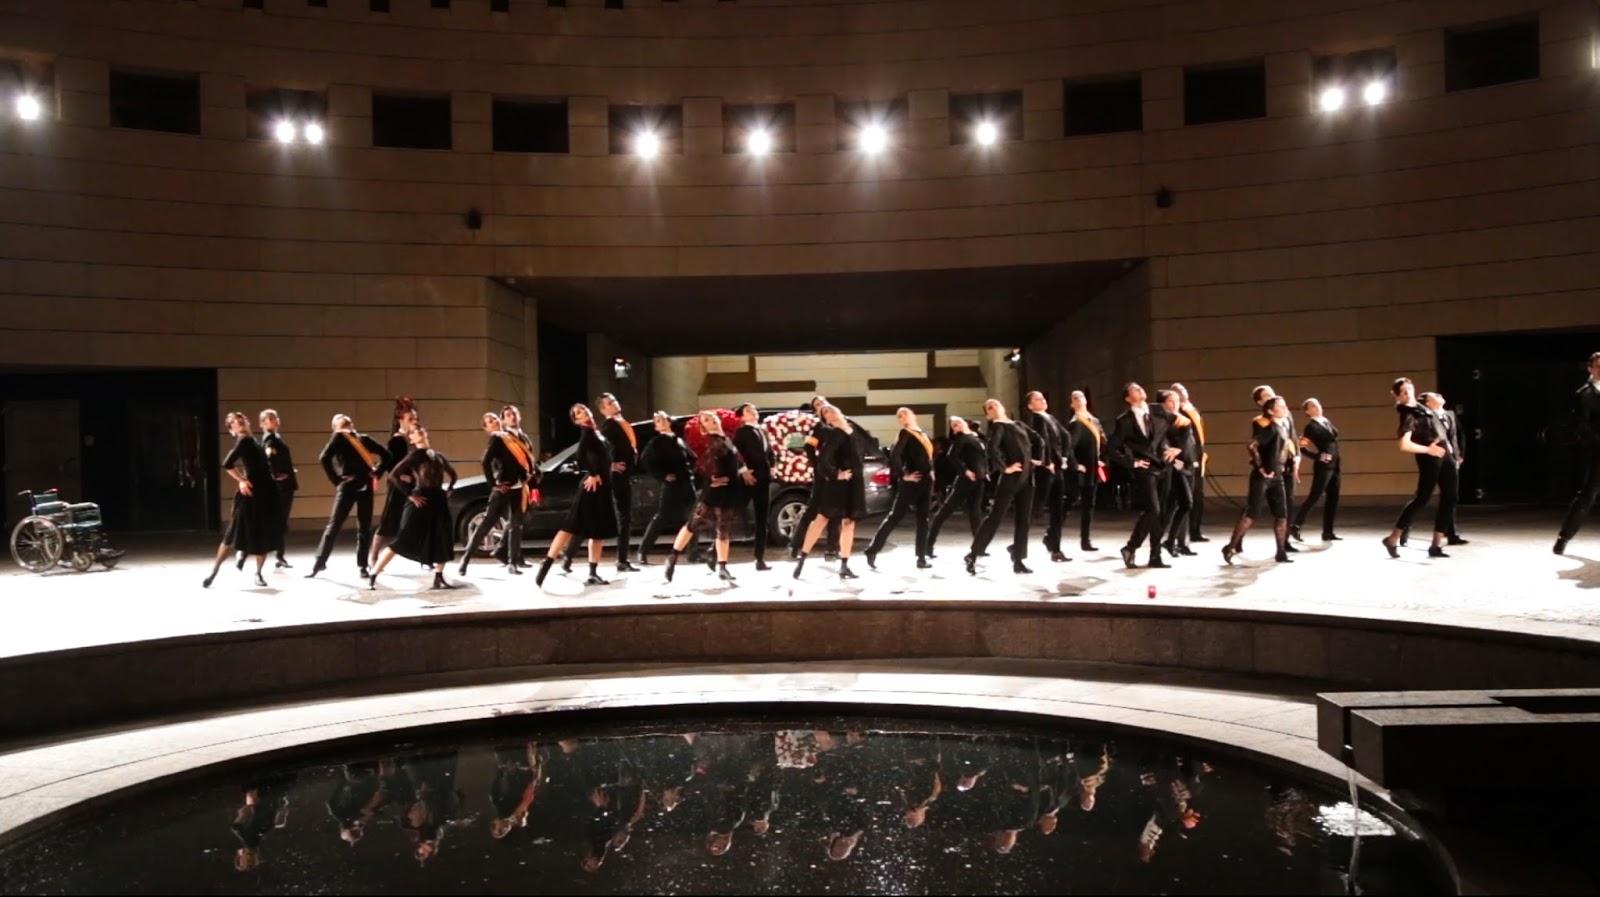 """Rovereto, """"Los Pajaros Muertos"""". Immagine d'insieme con uno dei movimenti coreografici di gruppo. Evidente il forte controluce"""